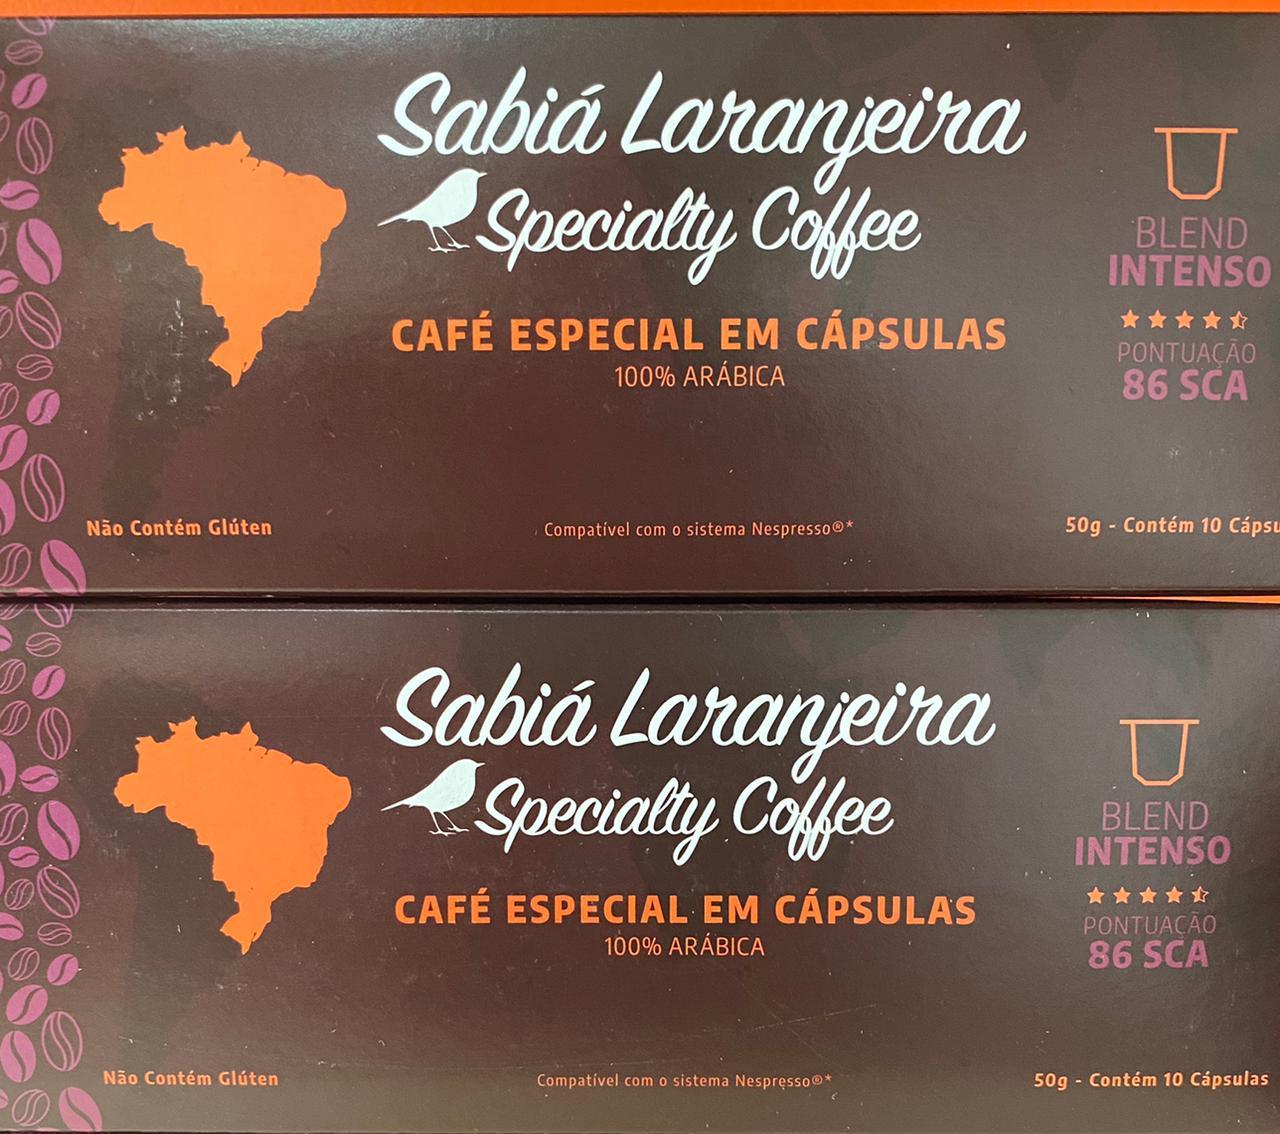 Café Especial em Cápsulas - Sabiá Laranjeira